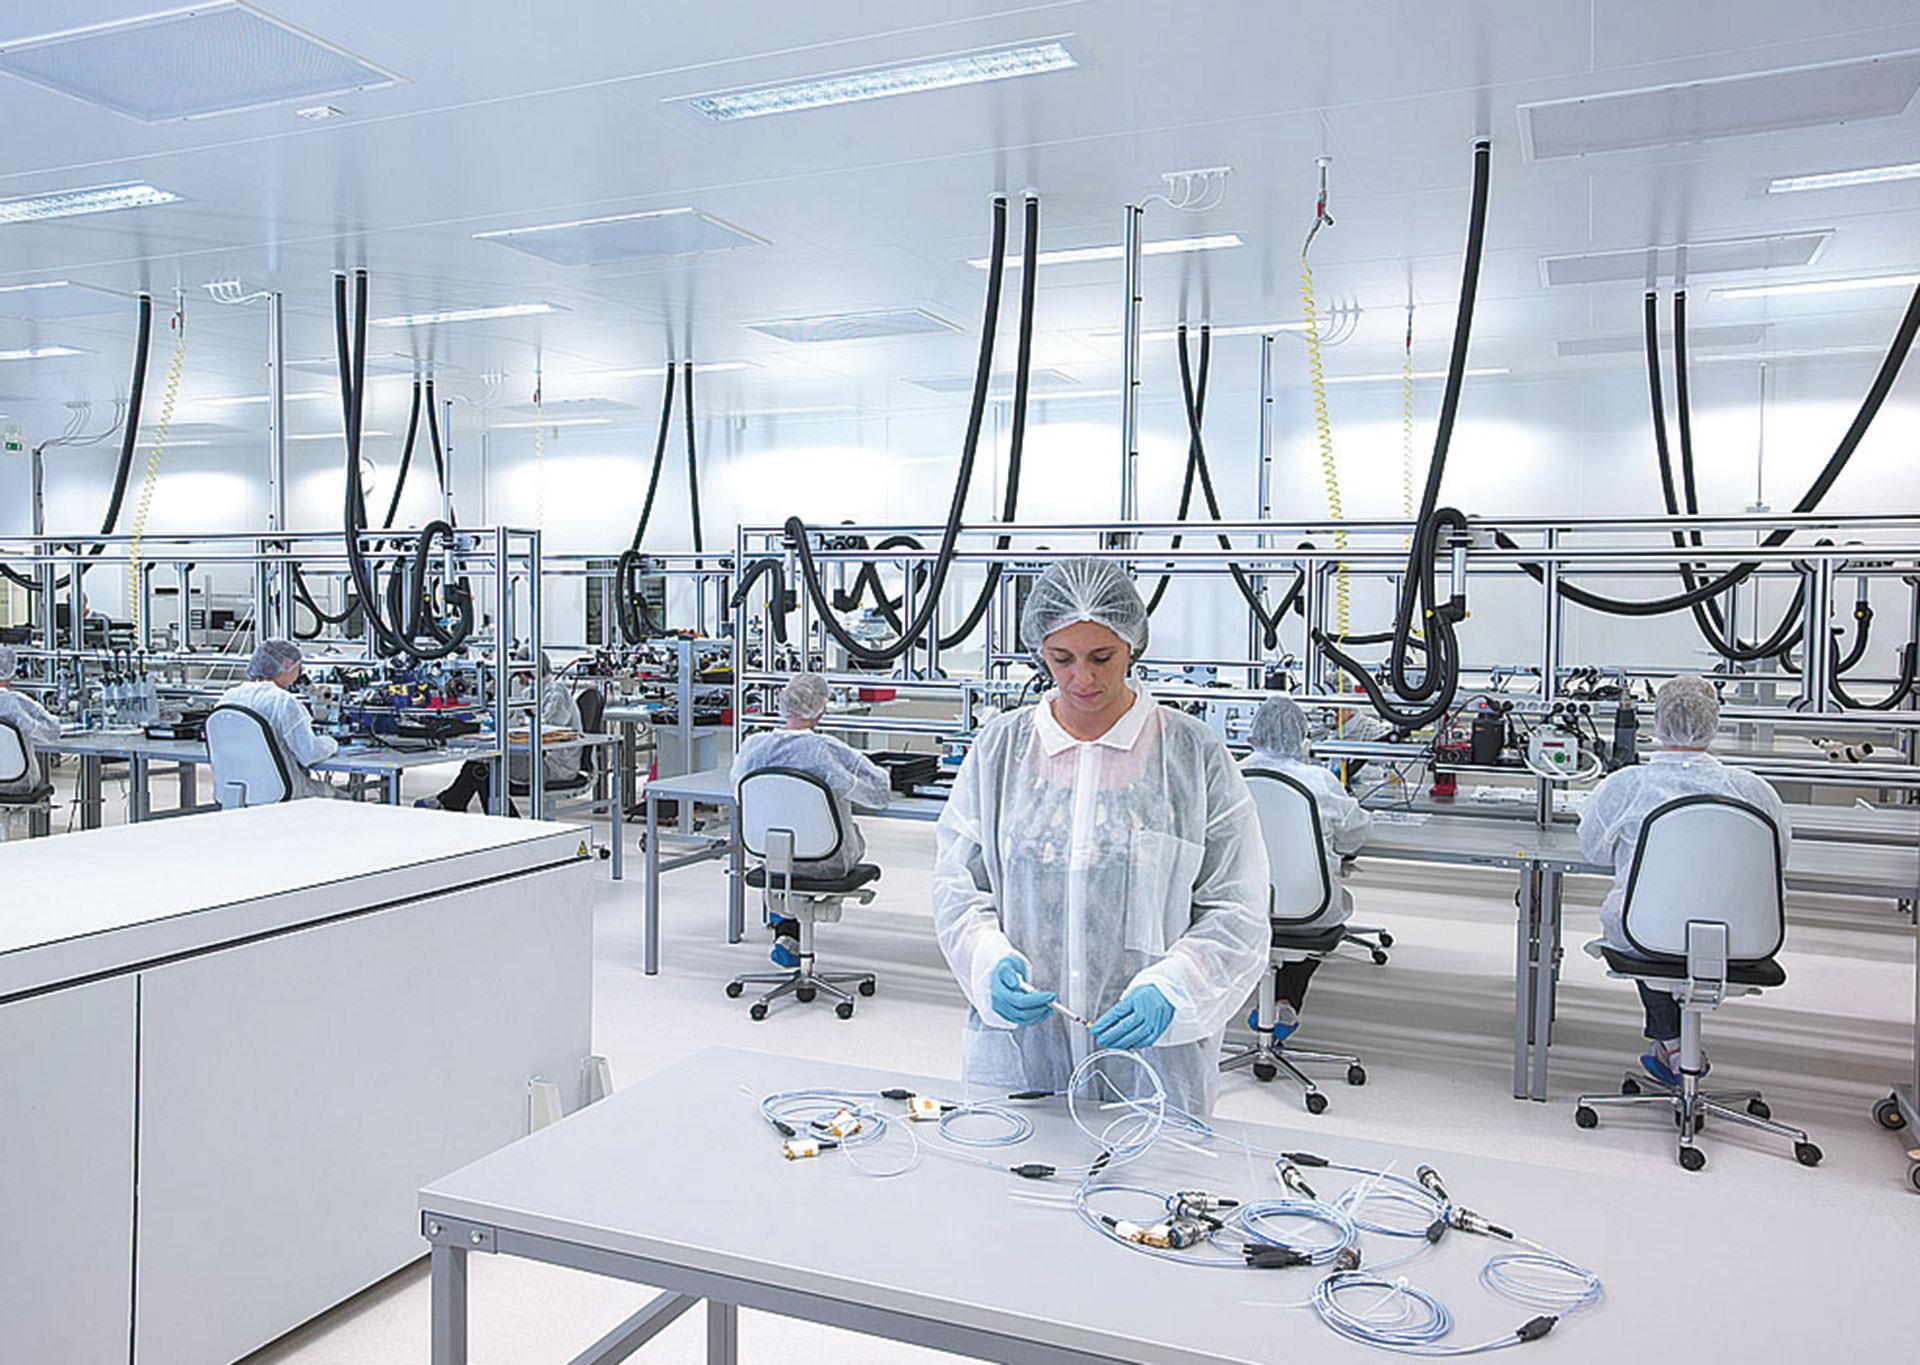 salle blanche ou laboratoire